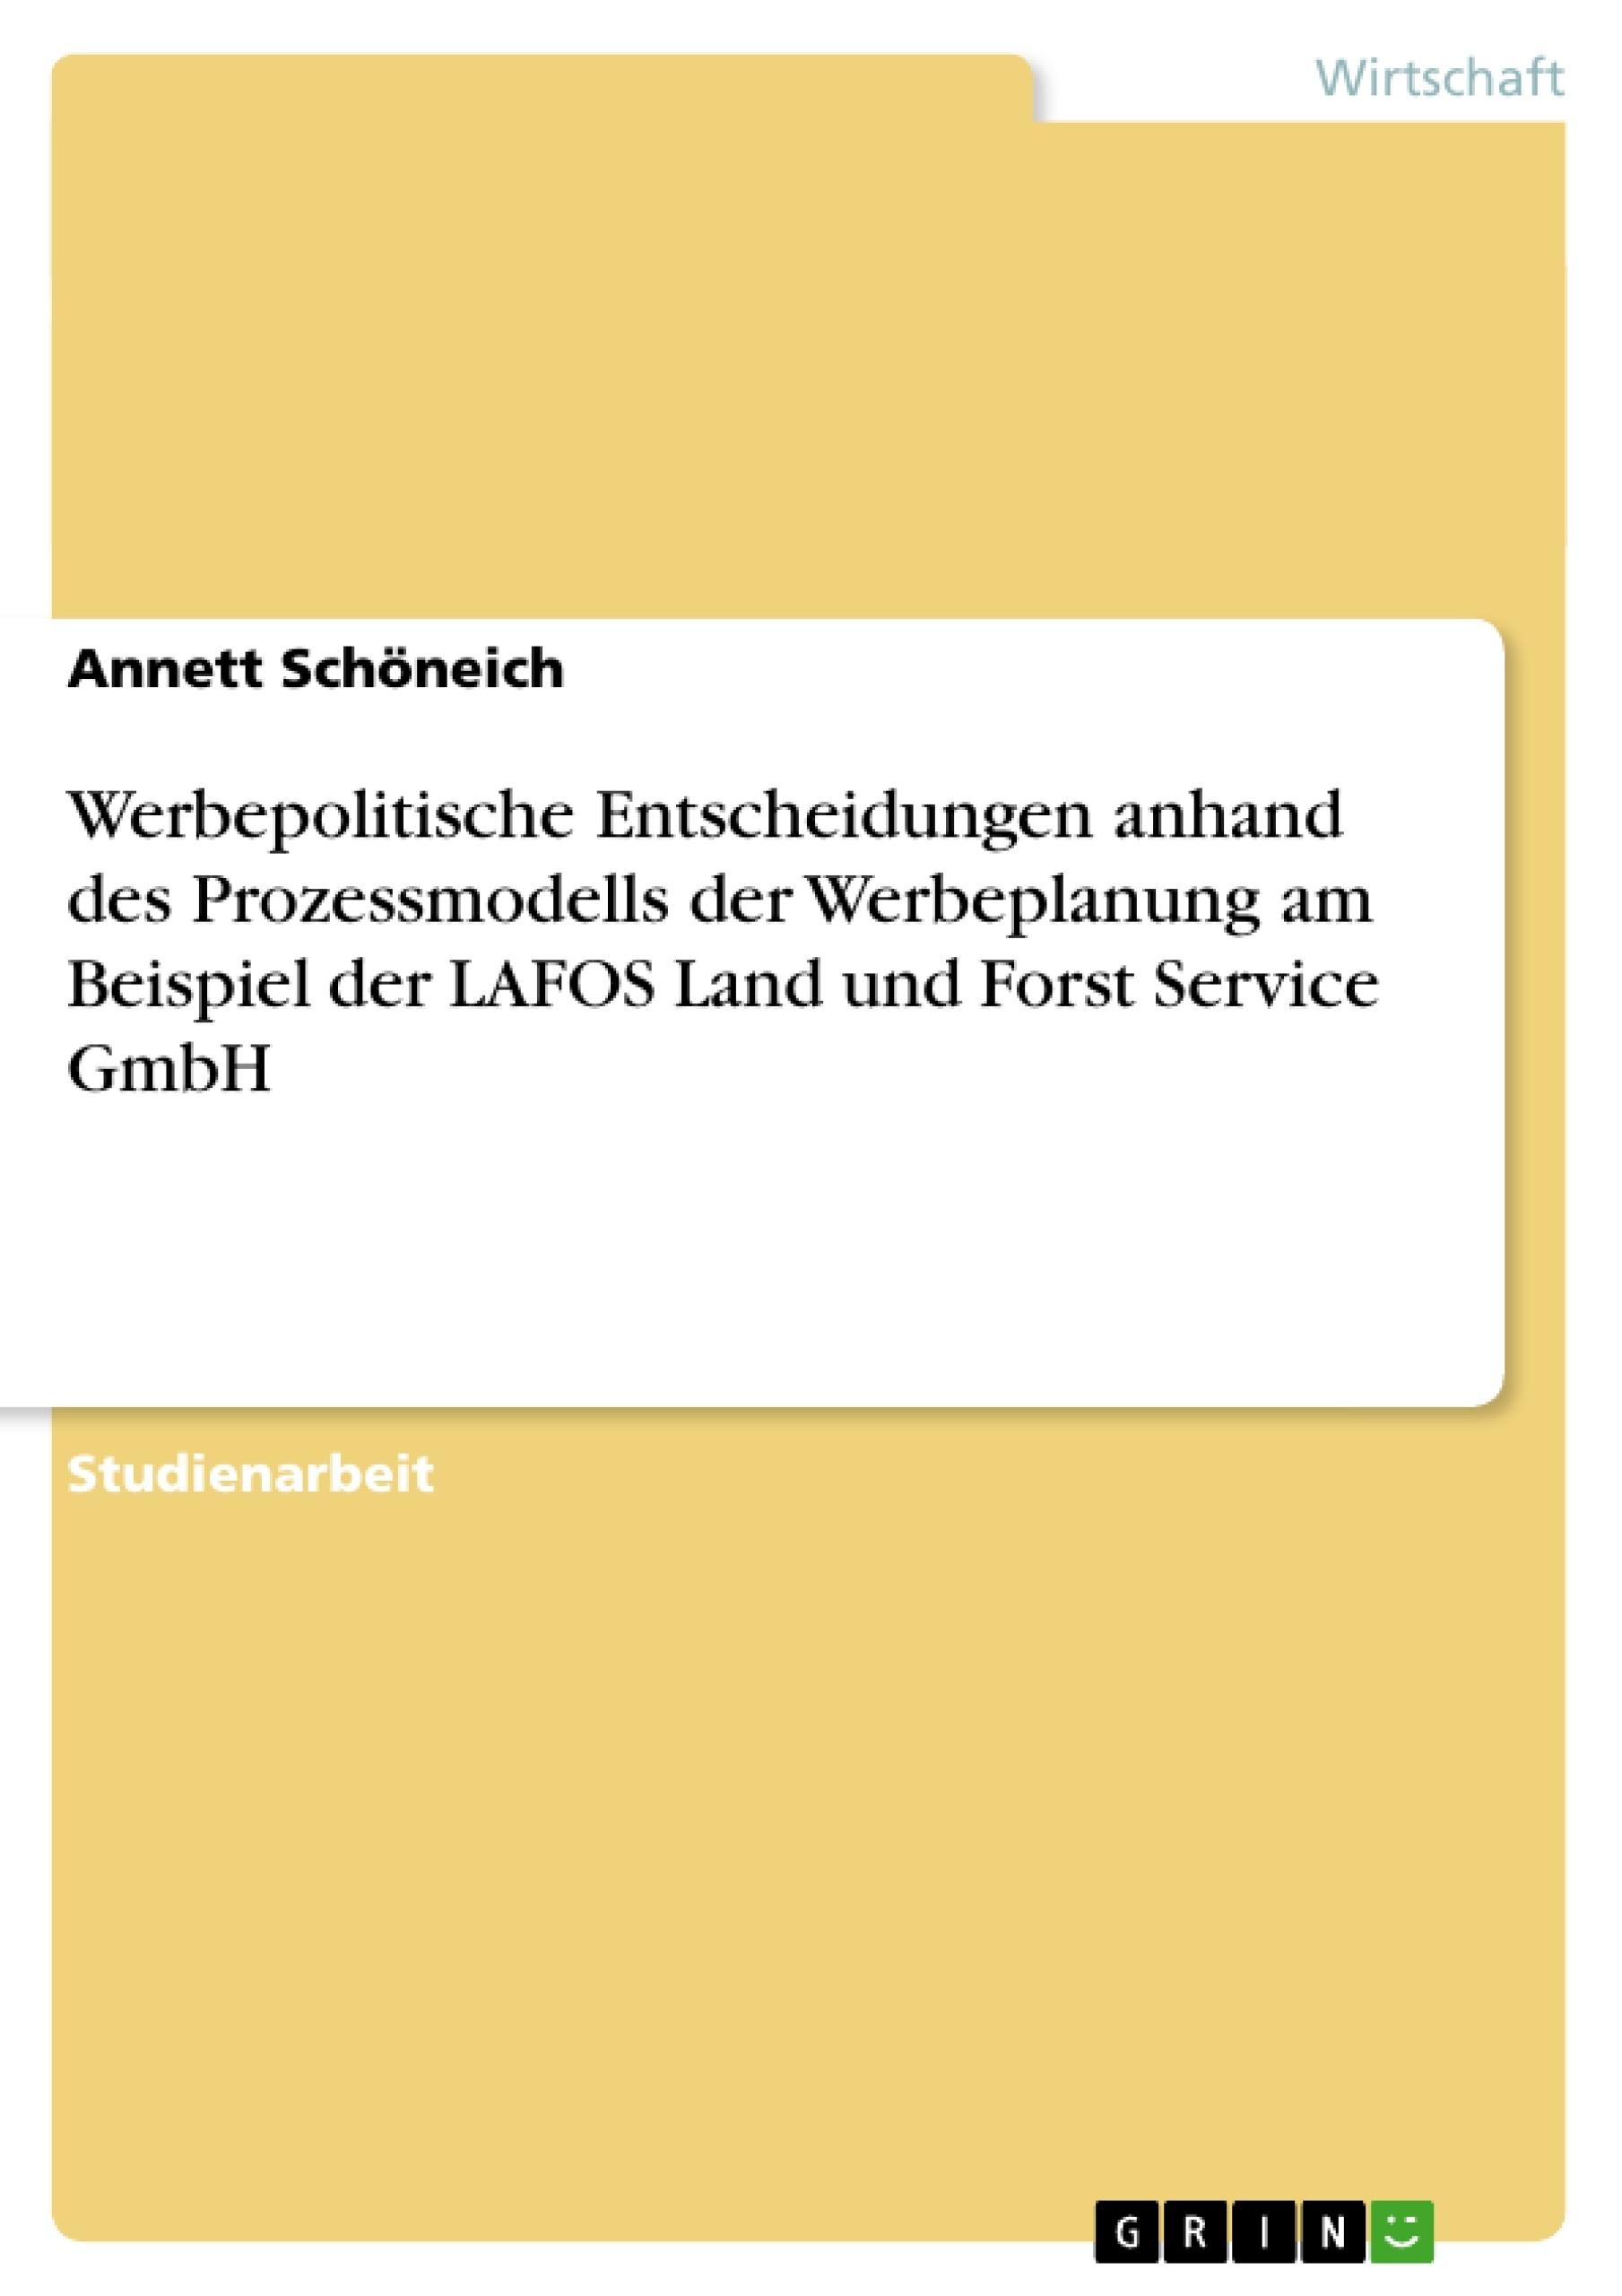 Titel: Werbepolitische Entscheidungen anhand des Prozessmodells der Werbeplanung am Beispiel der LAFOS Land und Forst Service GmbH